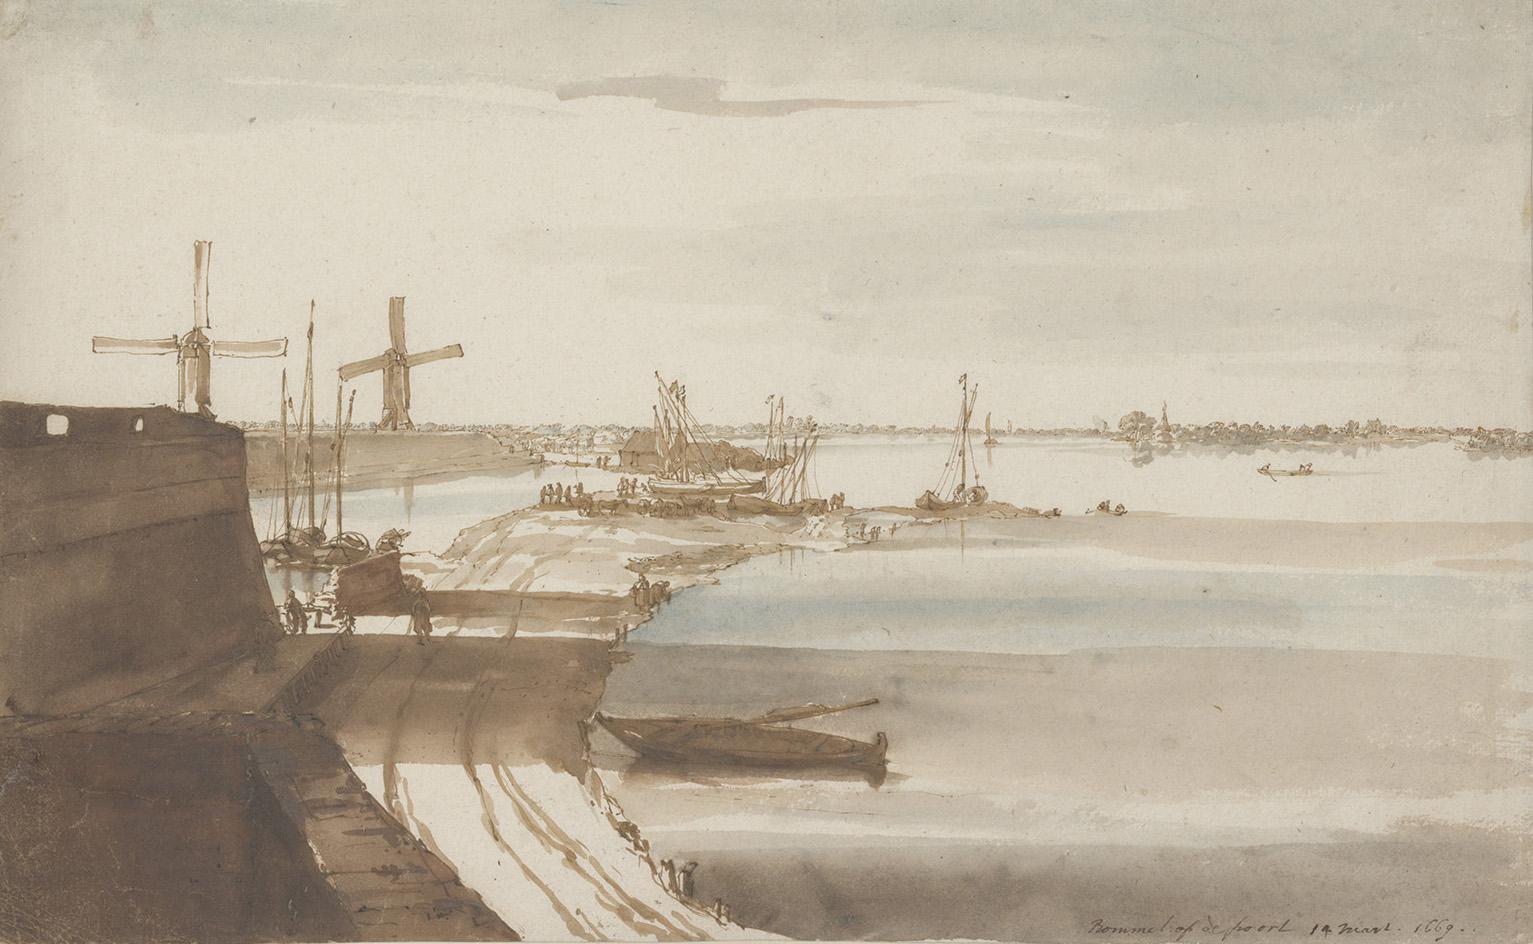 Constantijn Huygens (1596-1687), Vue panoramique du Waal à Zaltbommel, 1669, pen and brown ink, watercolor, 20.8 x 33.1 cm (7.87 x 13.3 in